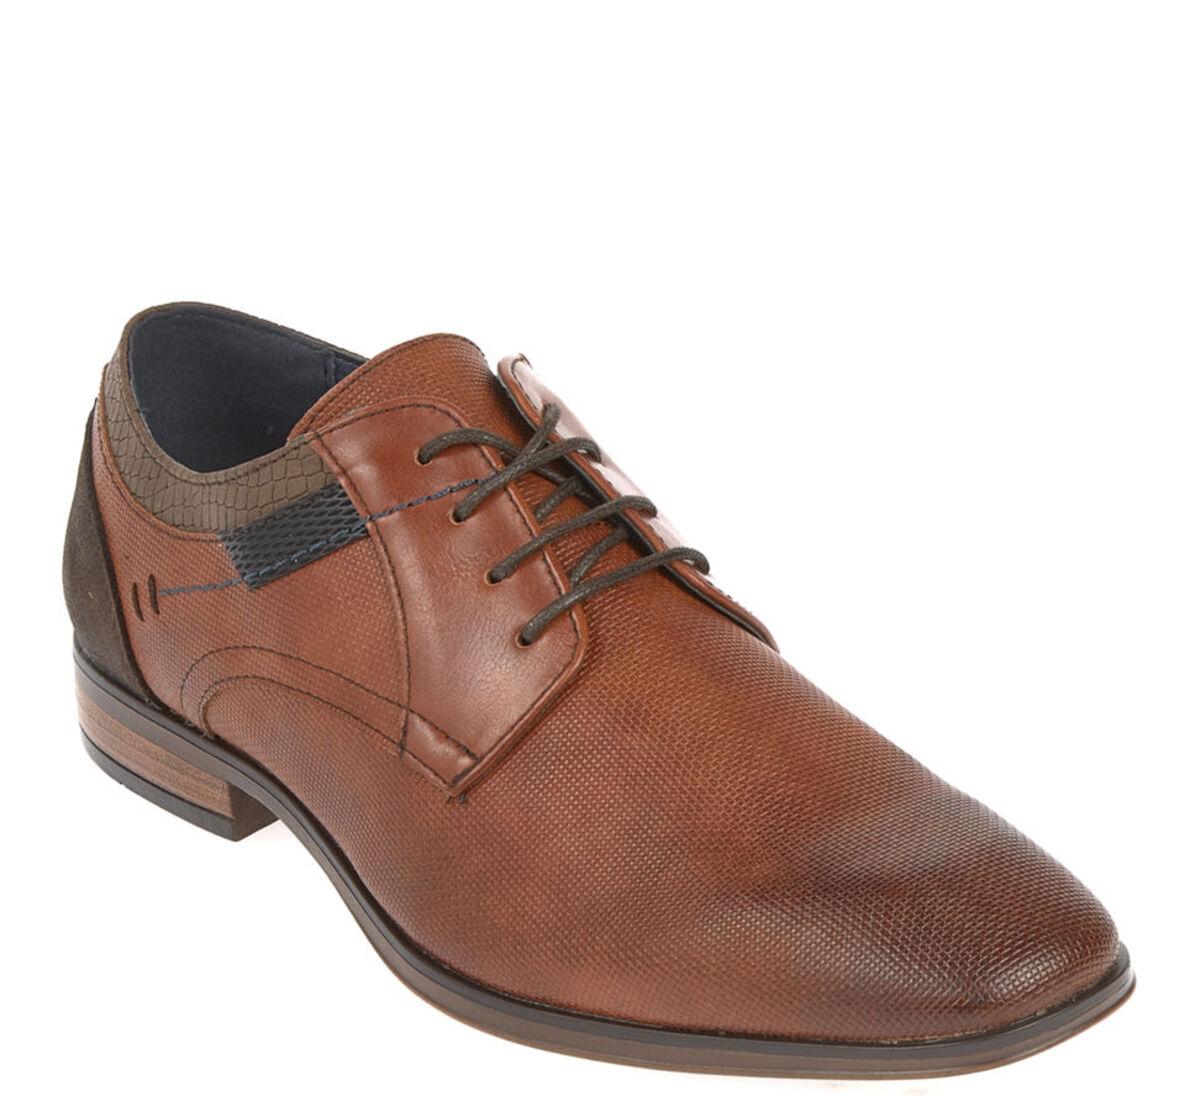 Bild 1 von Pesaro Business-Schuh